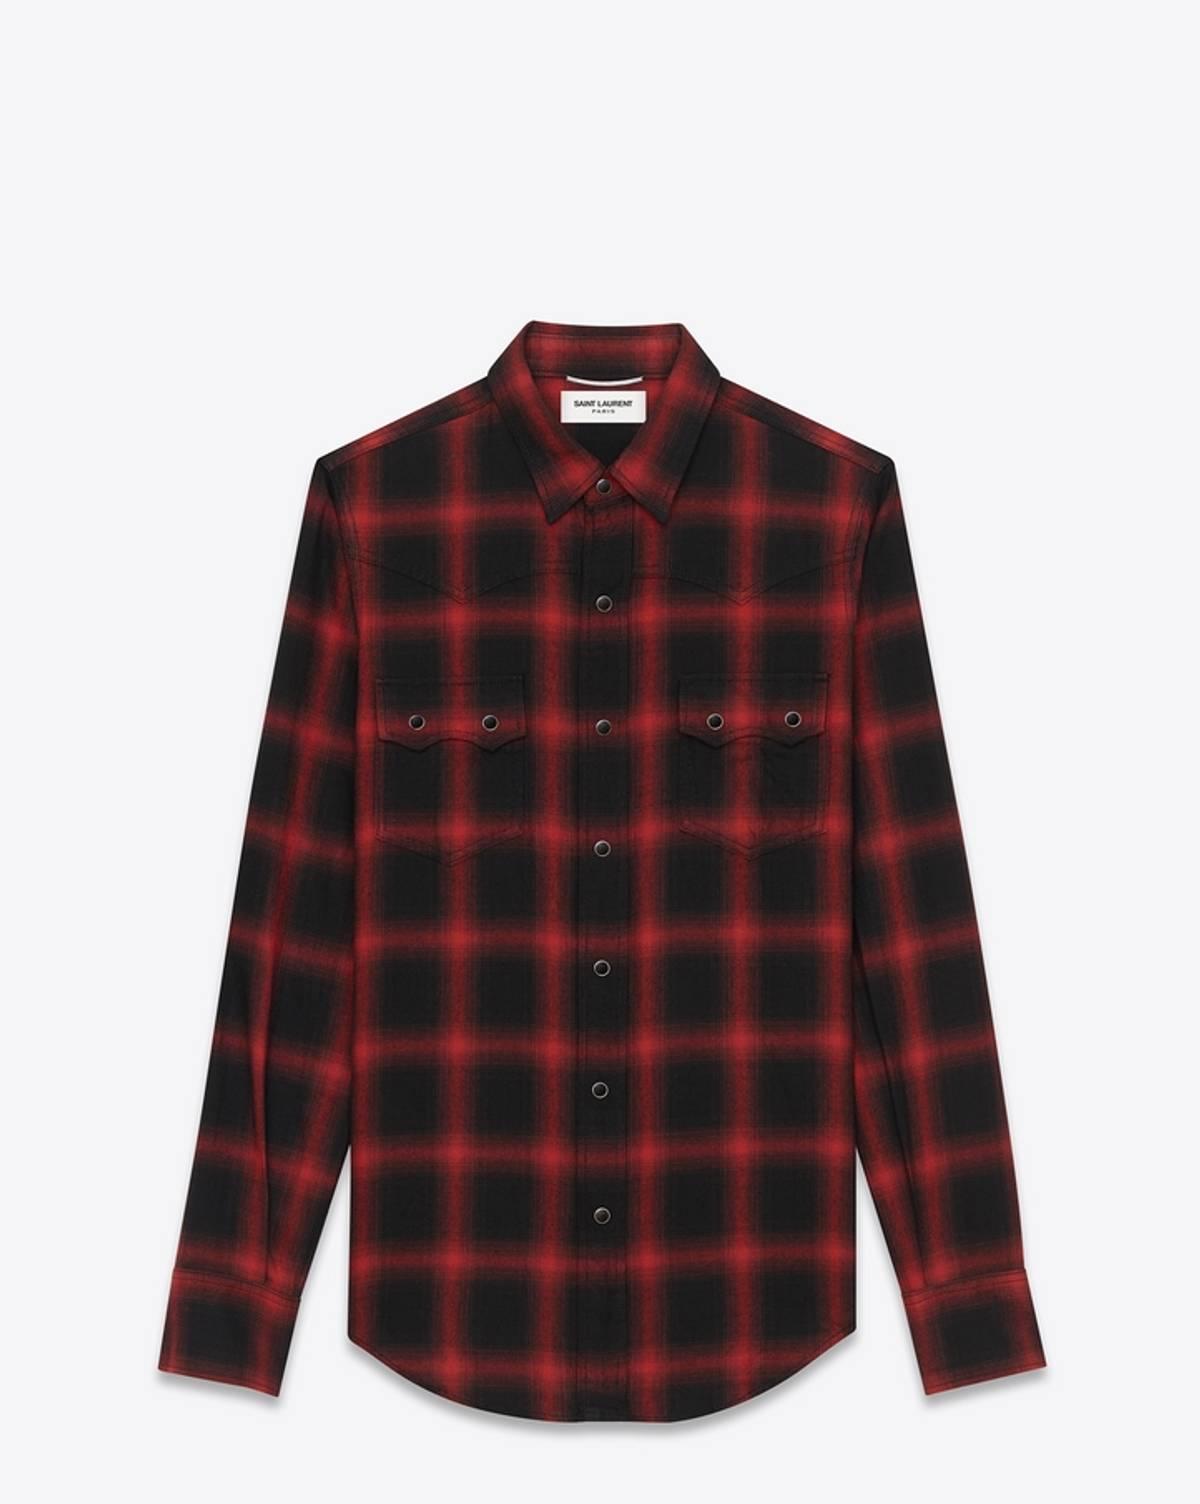 6992188c Saint Laurent Paris Nashville Western Shirt Black Red Xs Size Xs $350